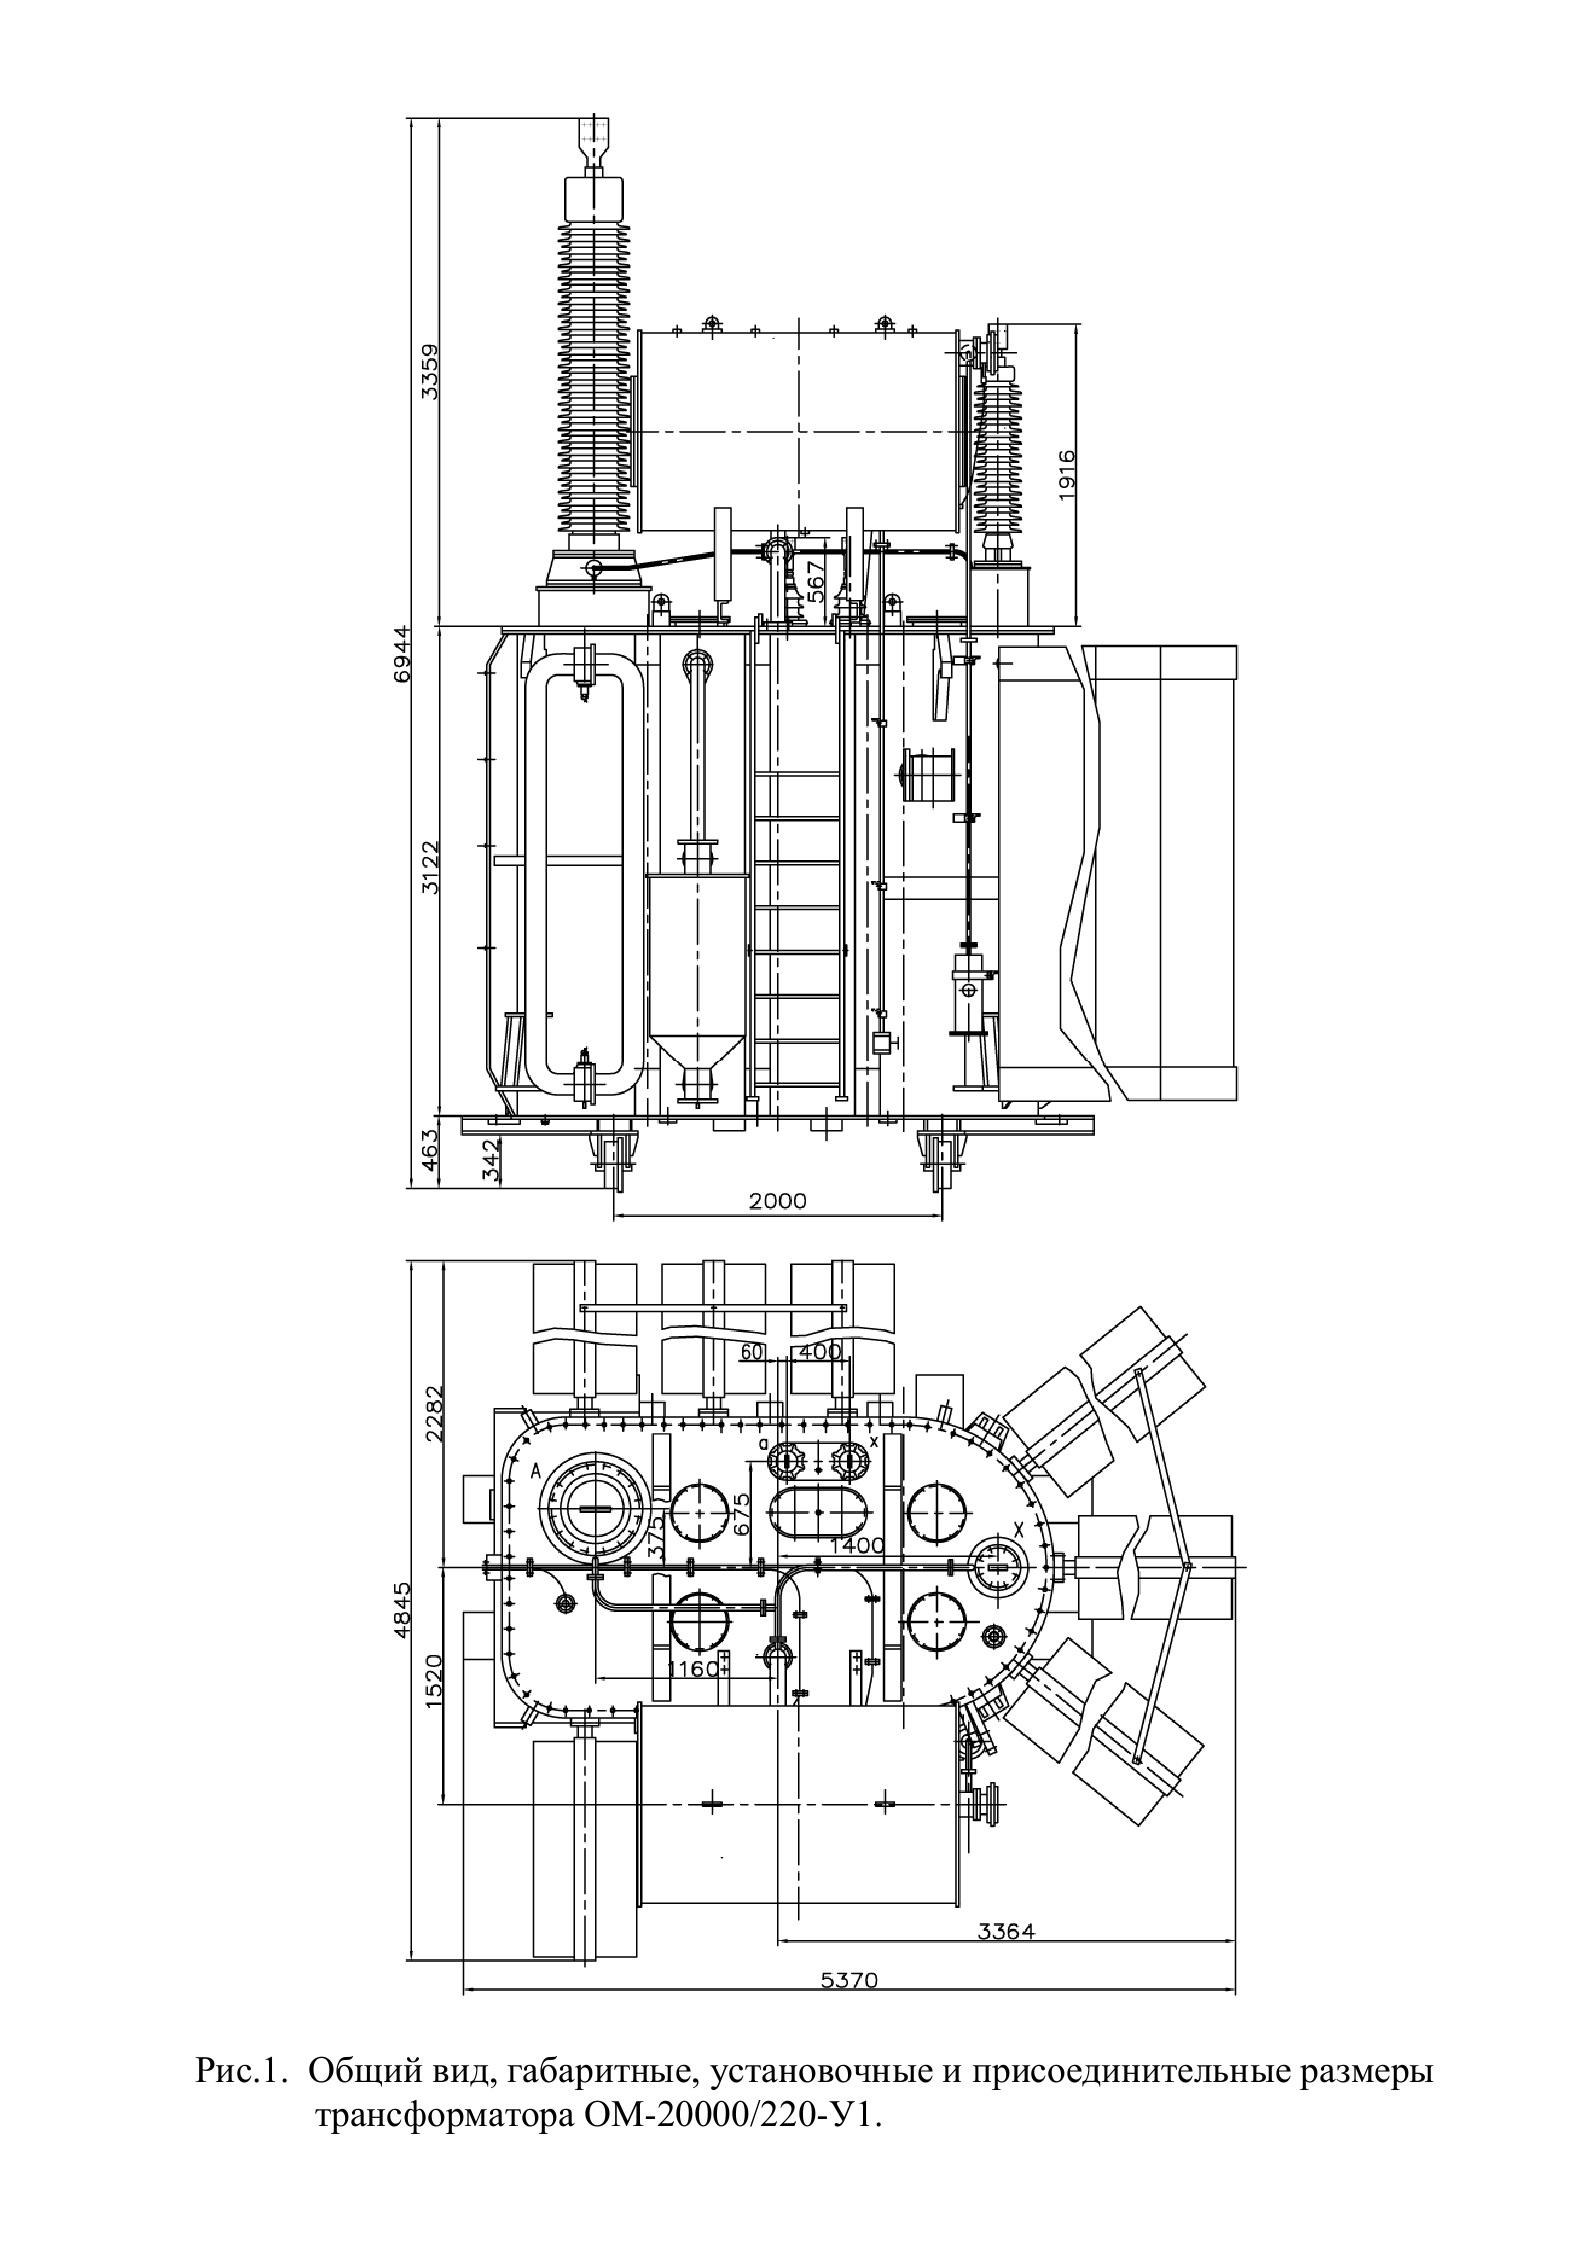 Трансформаторы однофазные масляные двух- и трехобмоточные класса напряжения 110 - 750 кВ Тип ОМ